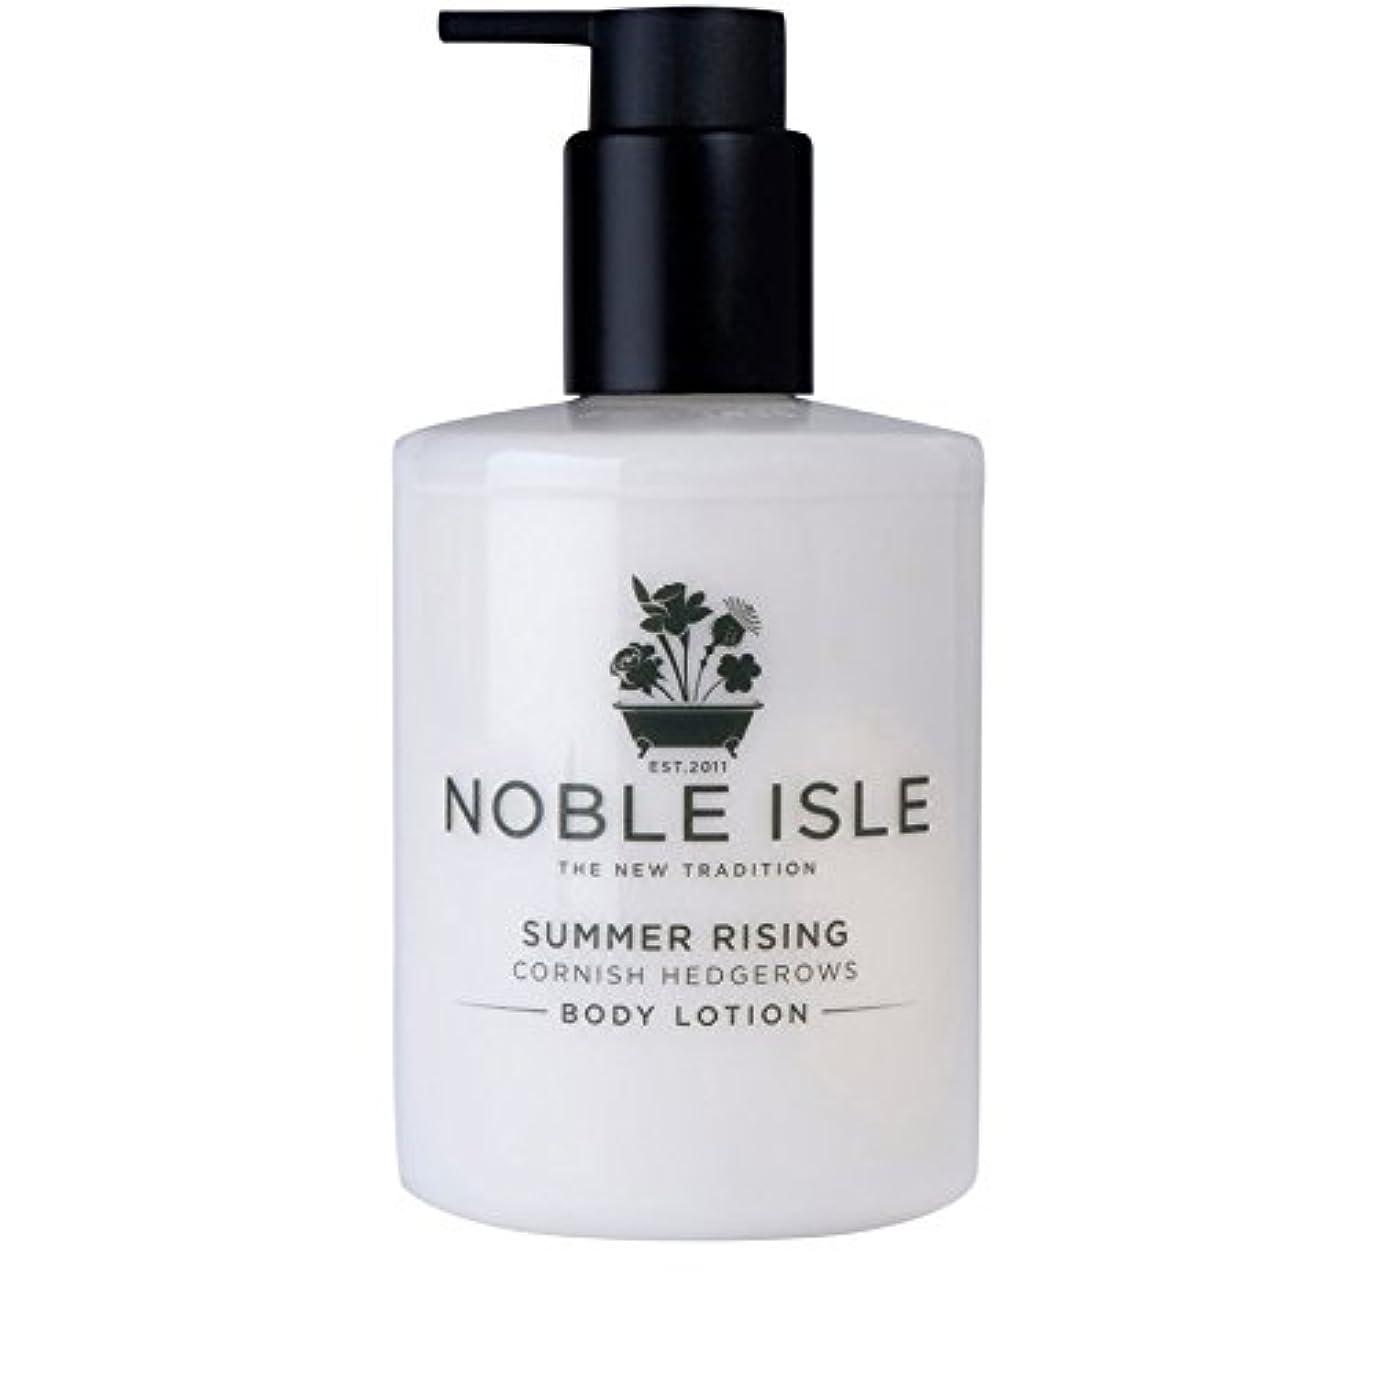 悪名高い衣類流暢Noble Isle Summer Rising Cornish Hedgerows Body Lotion 250ml (Pack of 6) - コーニッシュ生け垣ボディローション250ミリリットルを上昇高貴な島の夏...